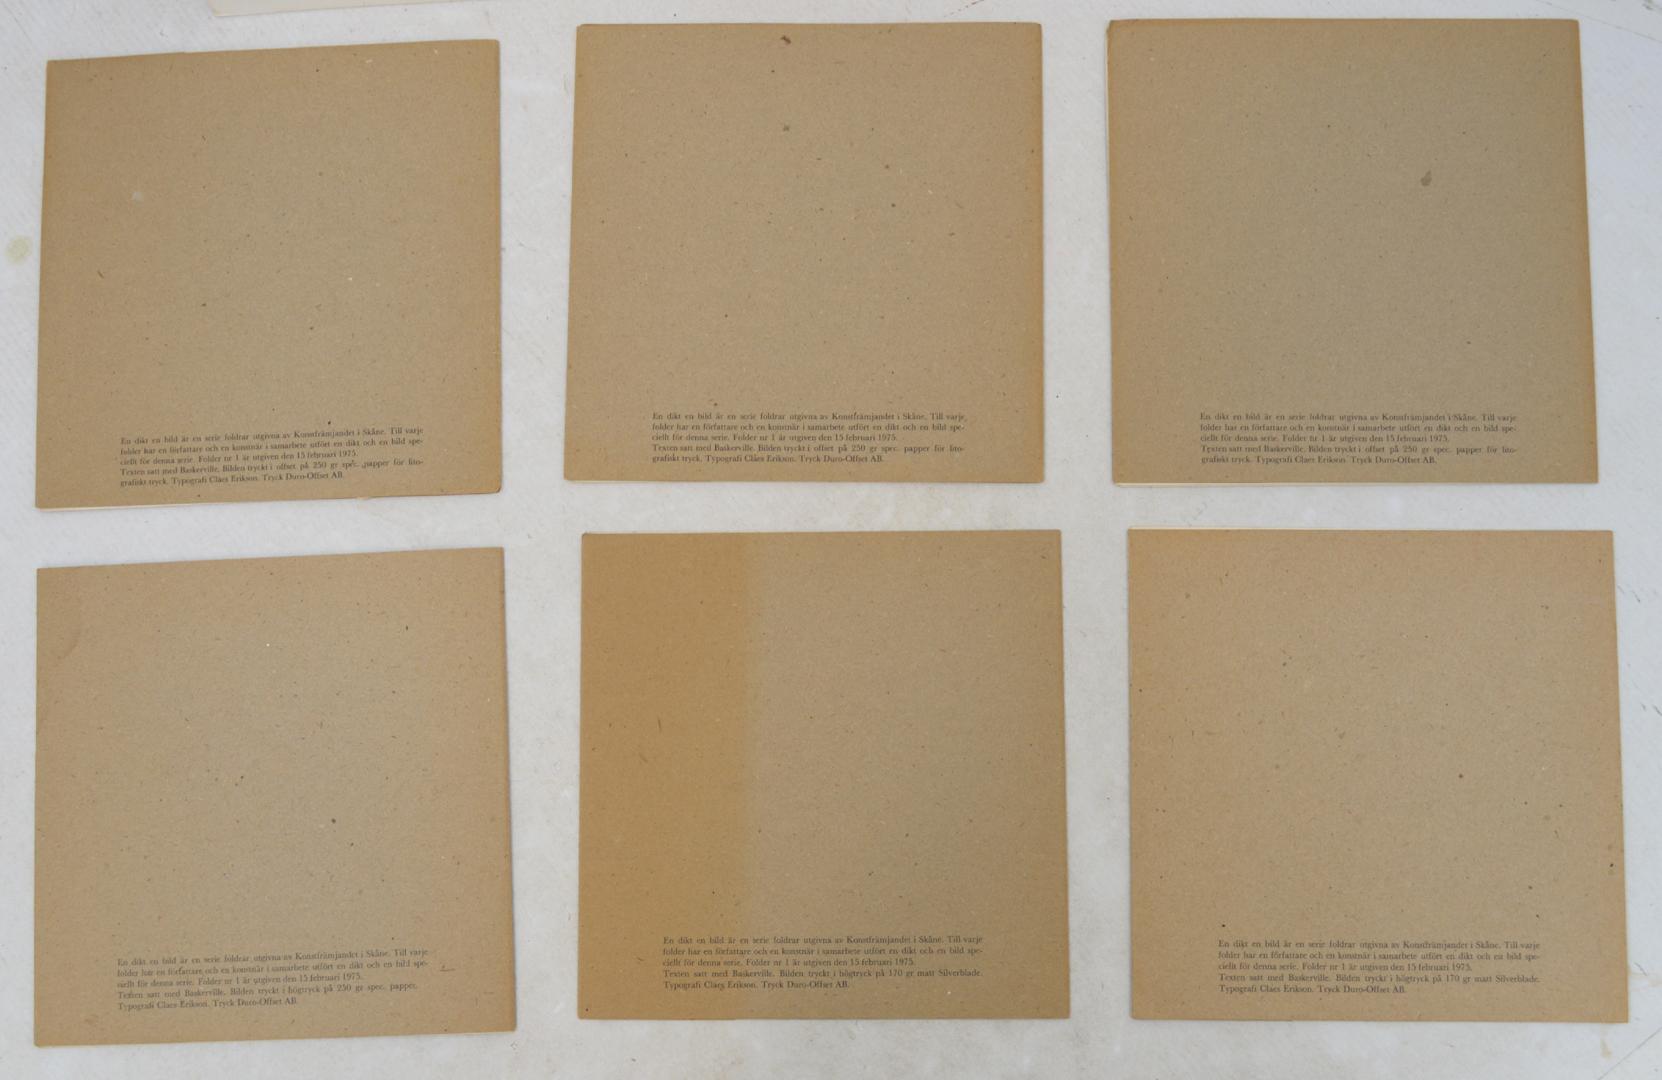 15 års dikt Images for 827974. en dikt en bild. Nr 1 6. Med sex  15 års dikt